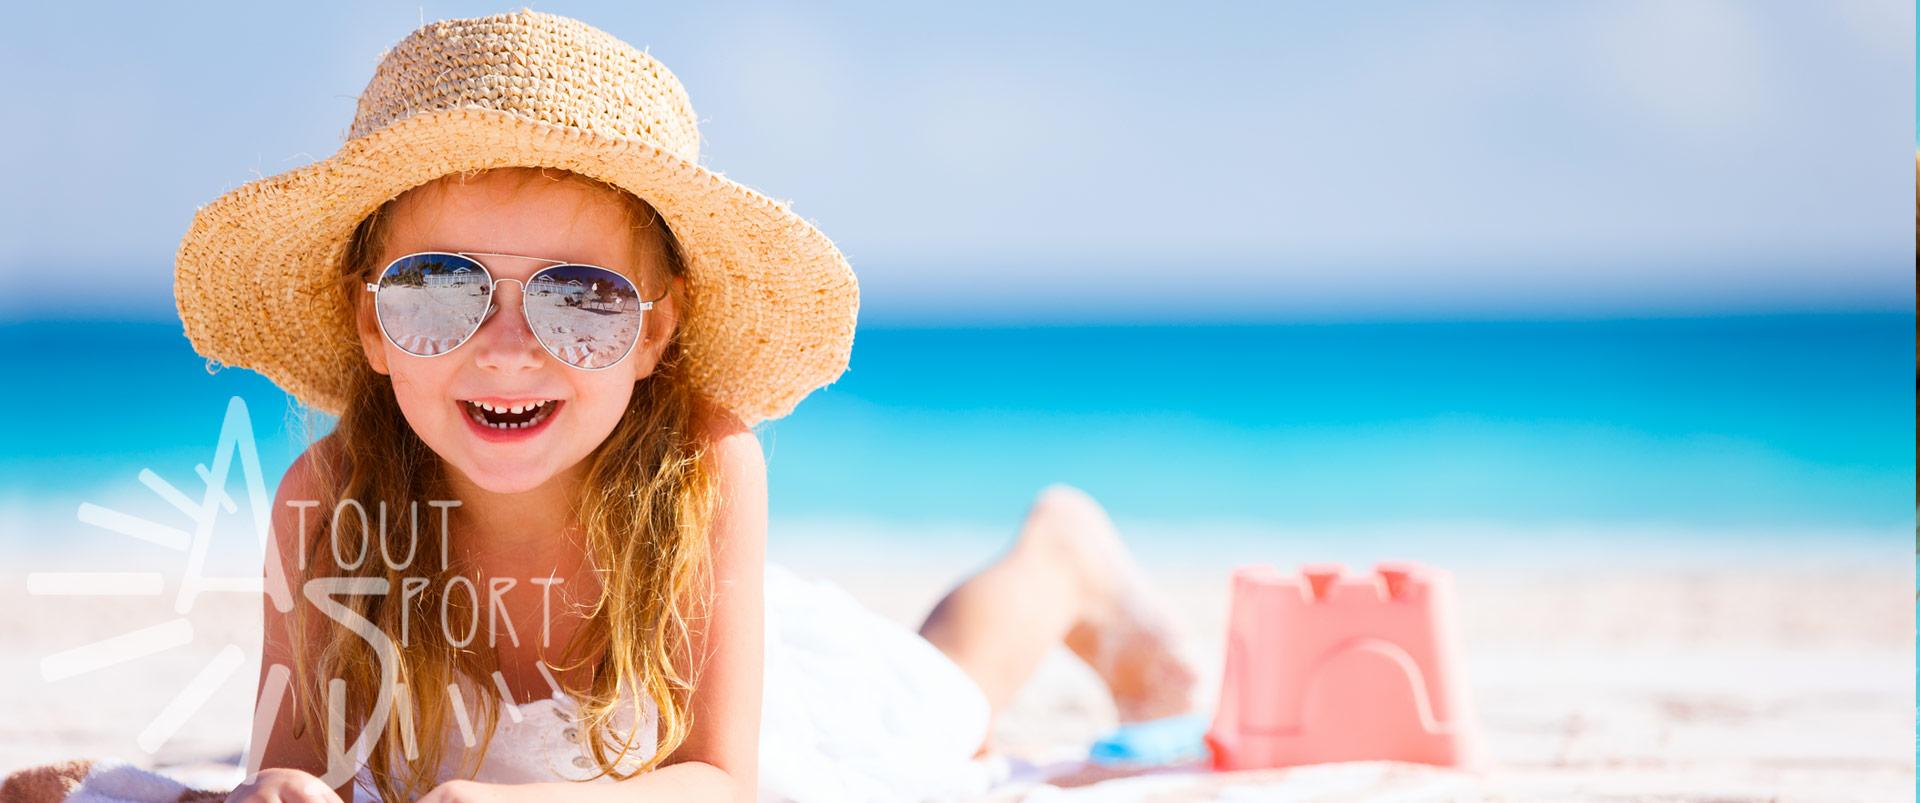 atoutsport.be sport enfants juillet vacances étéatoutsport.be sport enfants adultes stages vacances